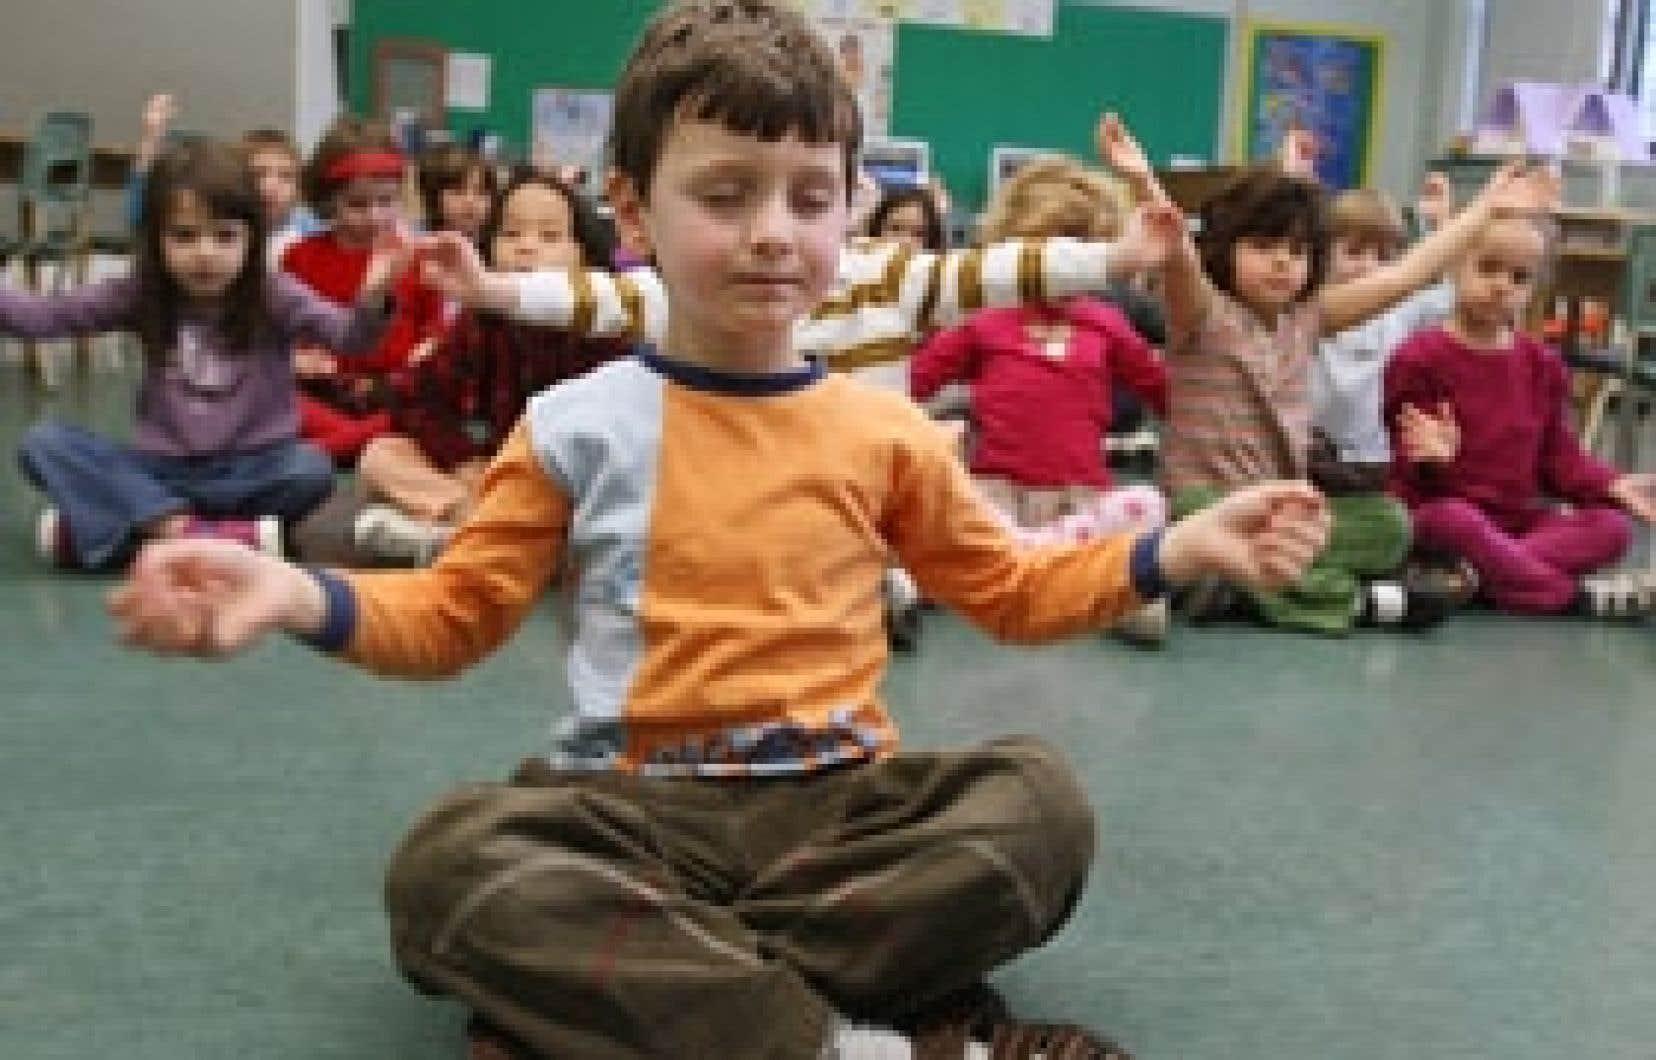 Julien Groulx et ses camarades de la maternelle à l'école Saint-André-Apôtre, dans l'arrondissement d'Ahuntsic, en plein exercice de méditation. «Dans le noir, on s'assoit par terre en indien, on fait des boucles avec nos doigts et on dit